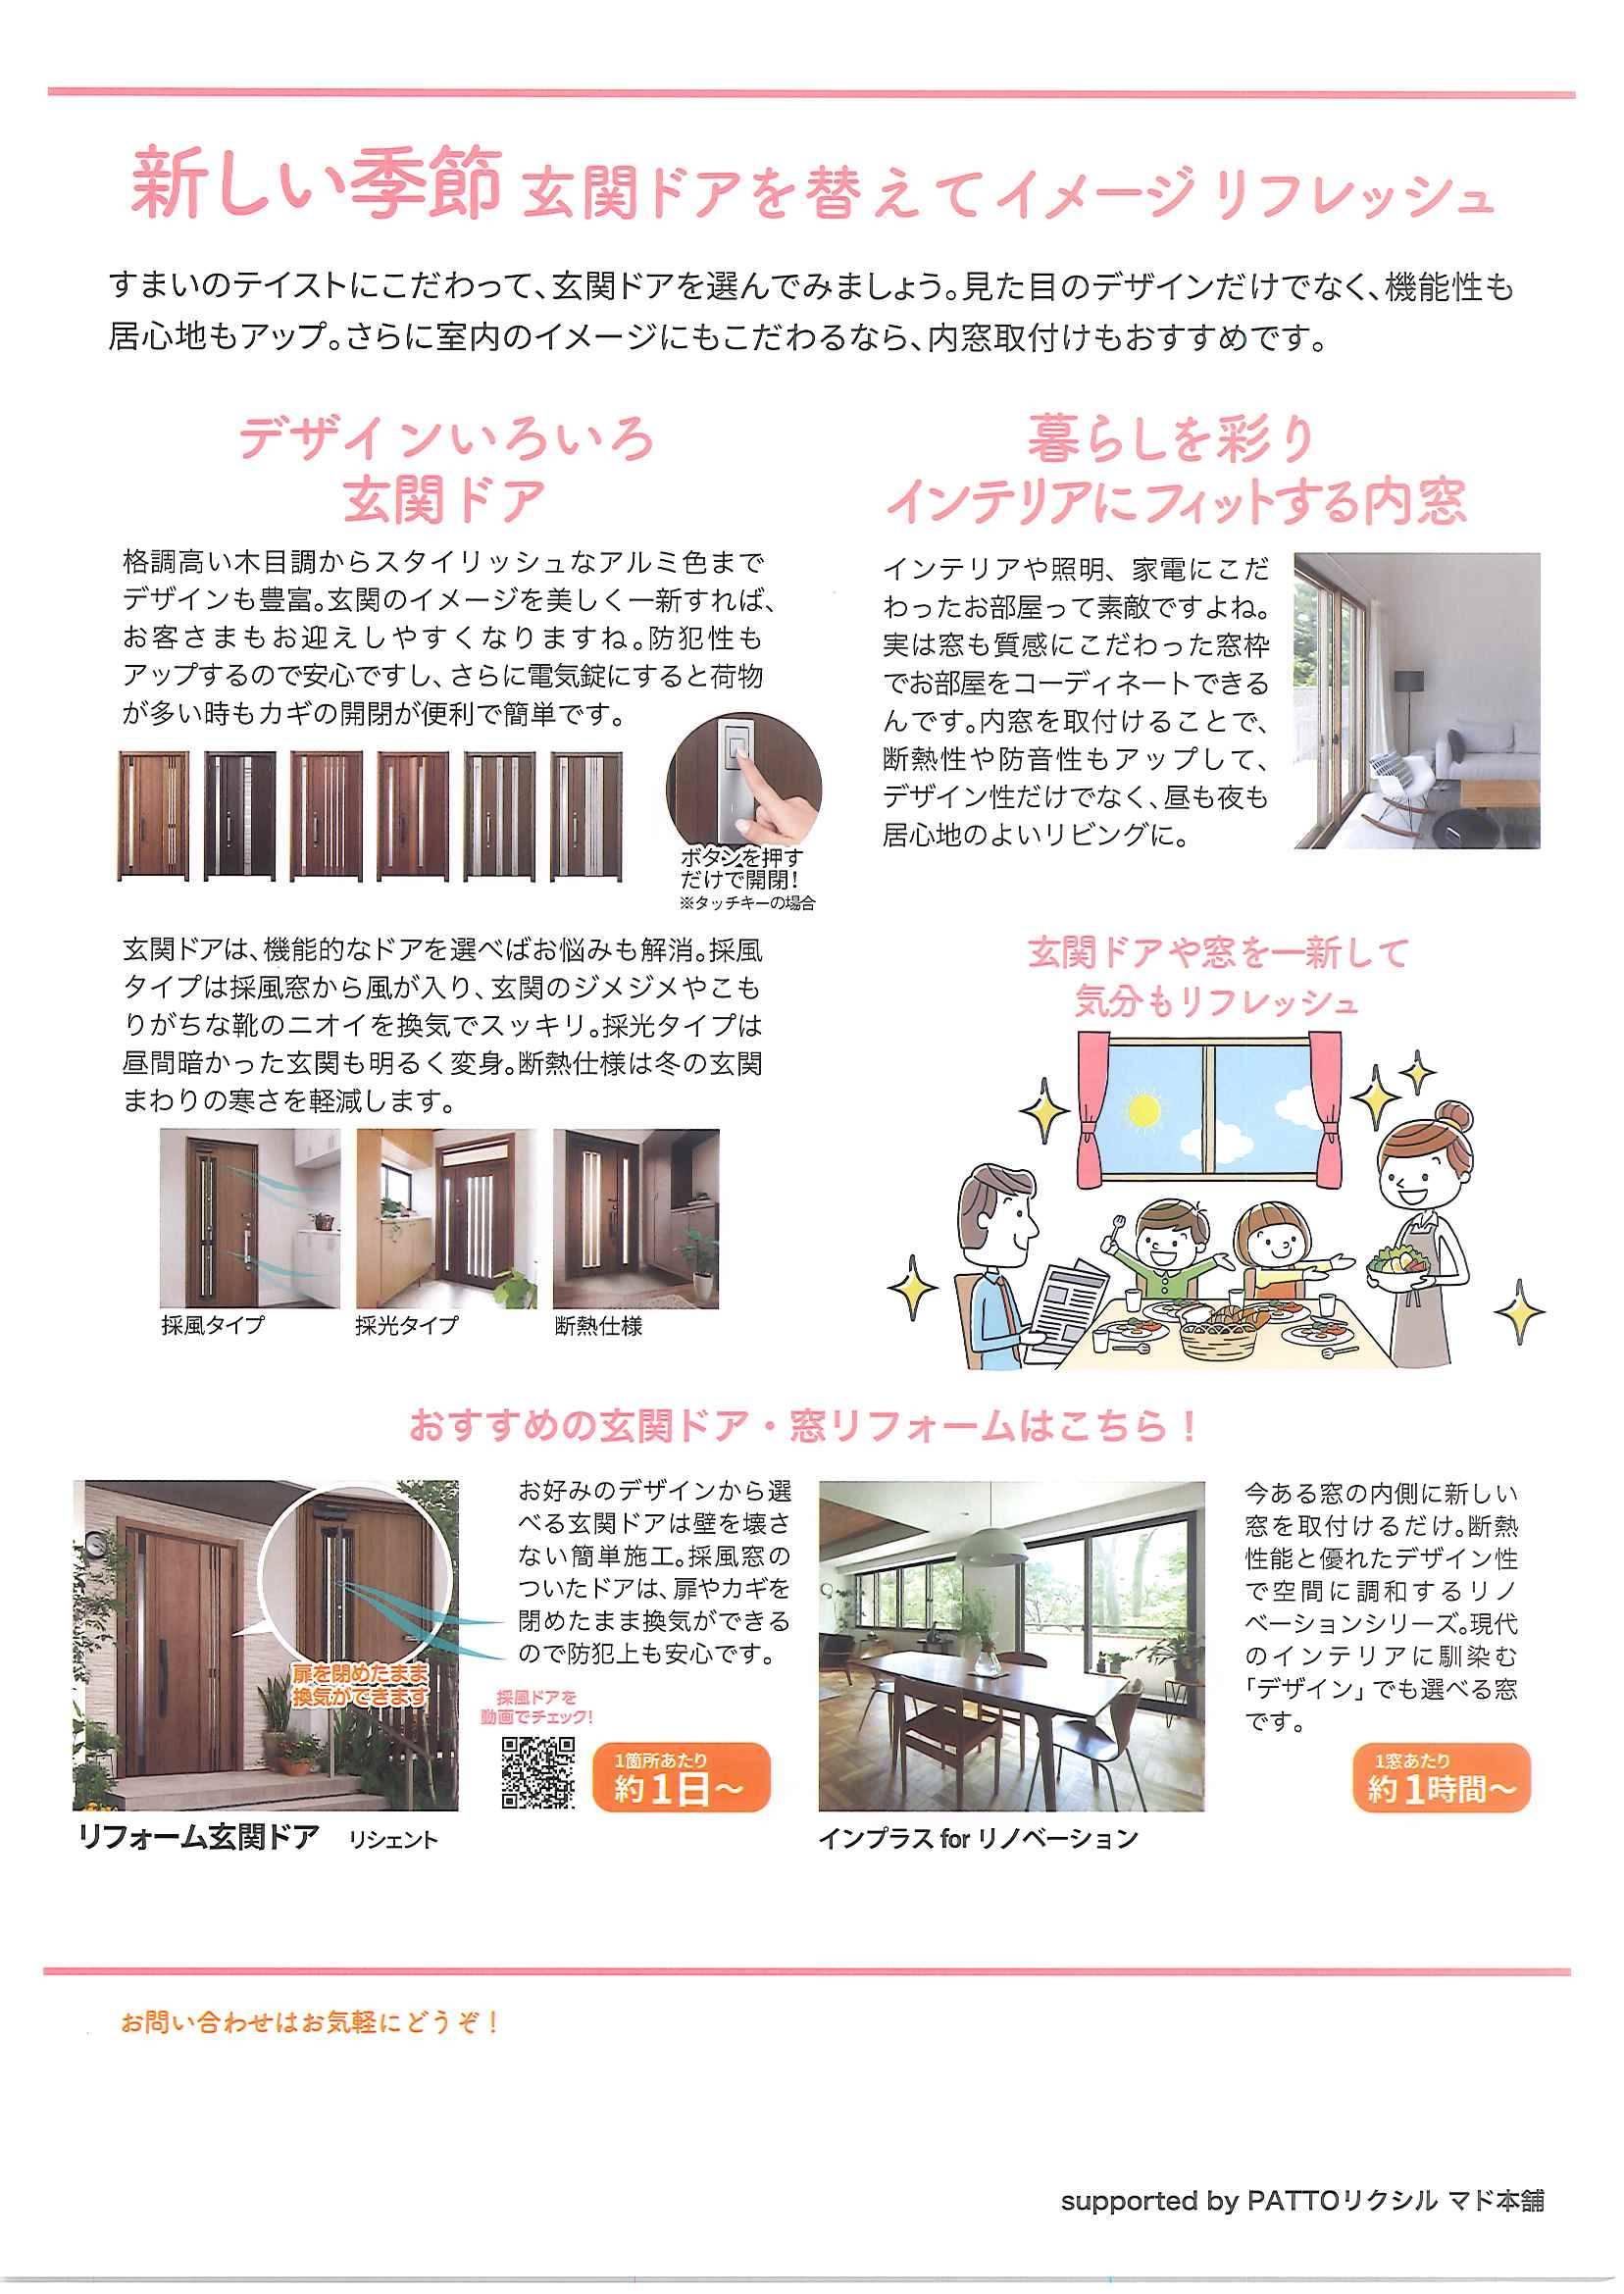 マド本舗 🐥すまいの健康・快適だより⑤号🐸 ヒロトーヨー住器の現場ブログ 写真2